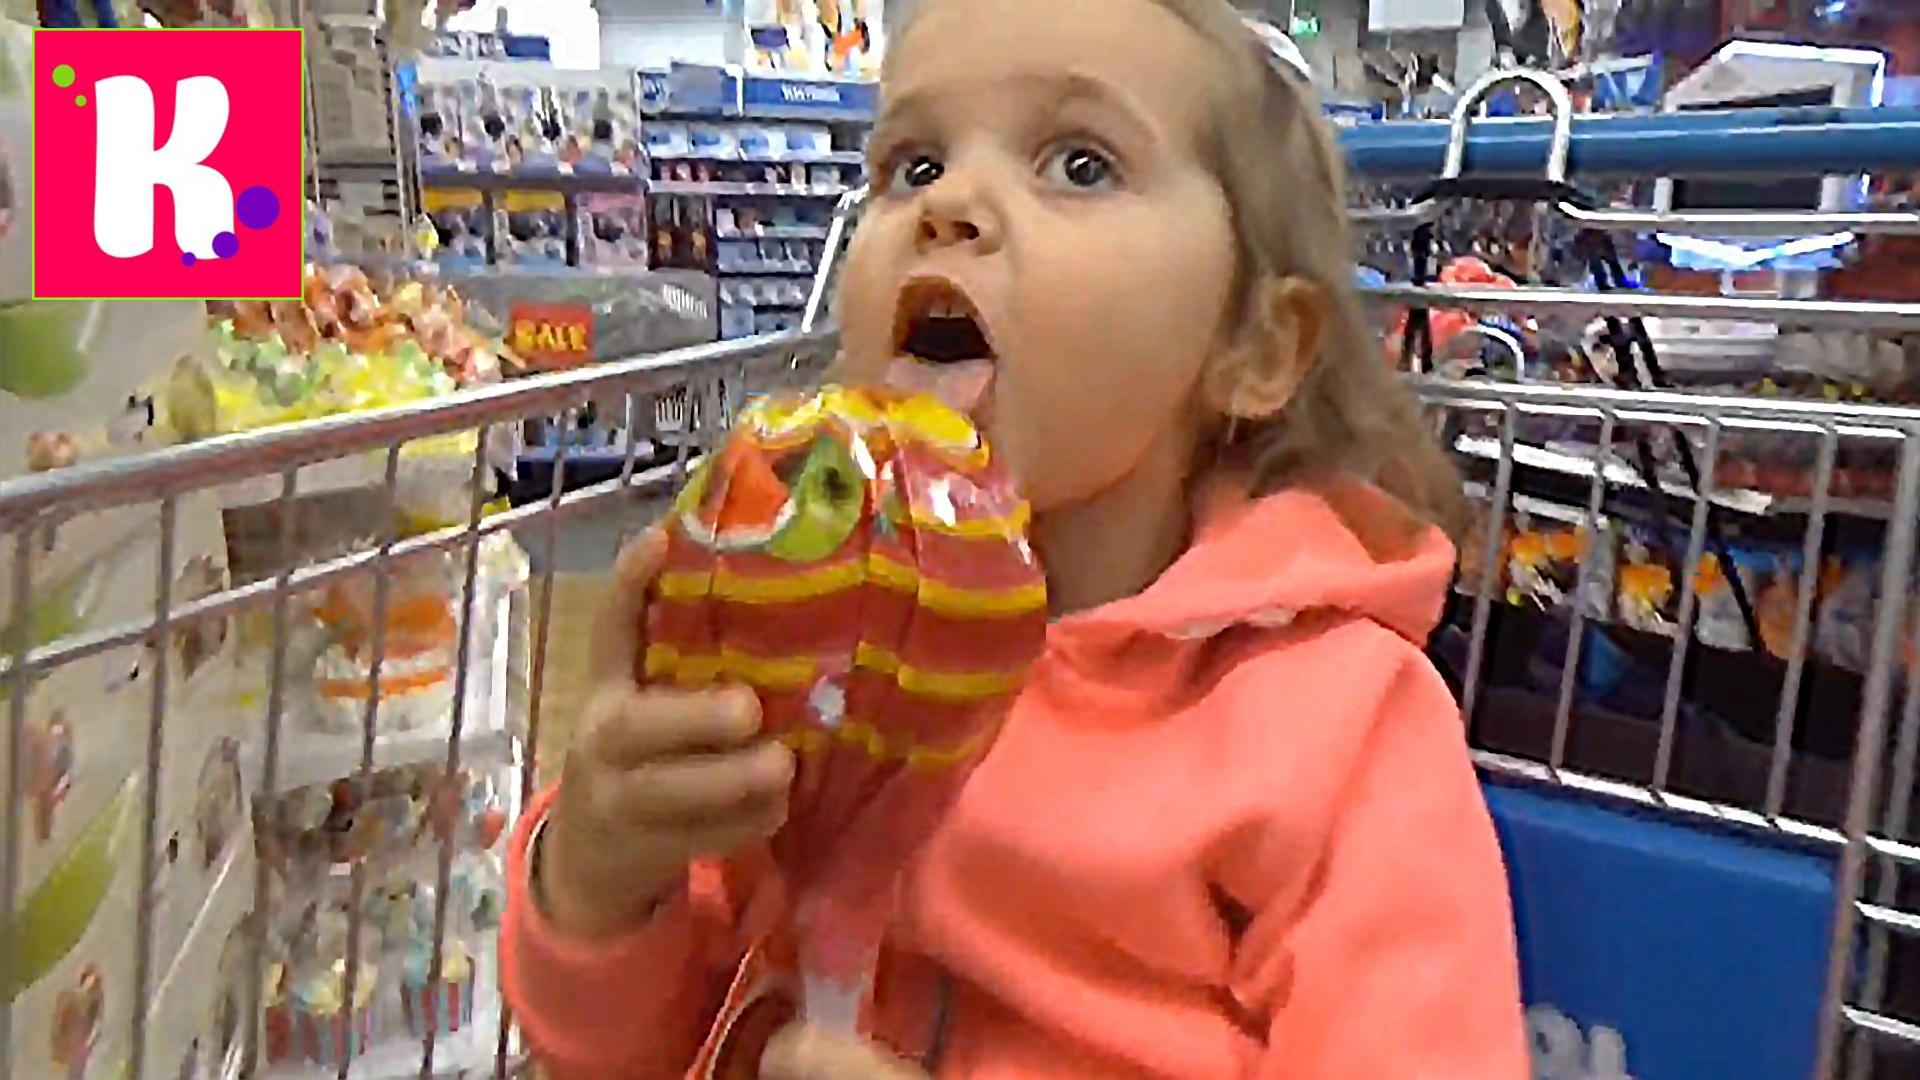 Германия #8 Лего центр и много конфет и игрушки в ToysRus и МакДональдс VLOG Legoland new Toys R us